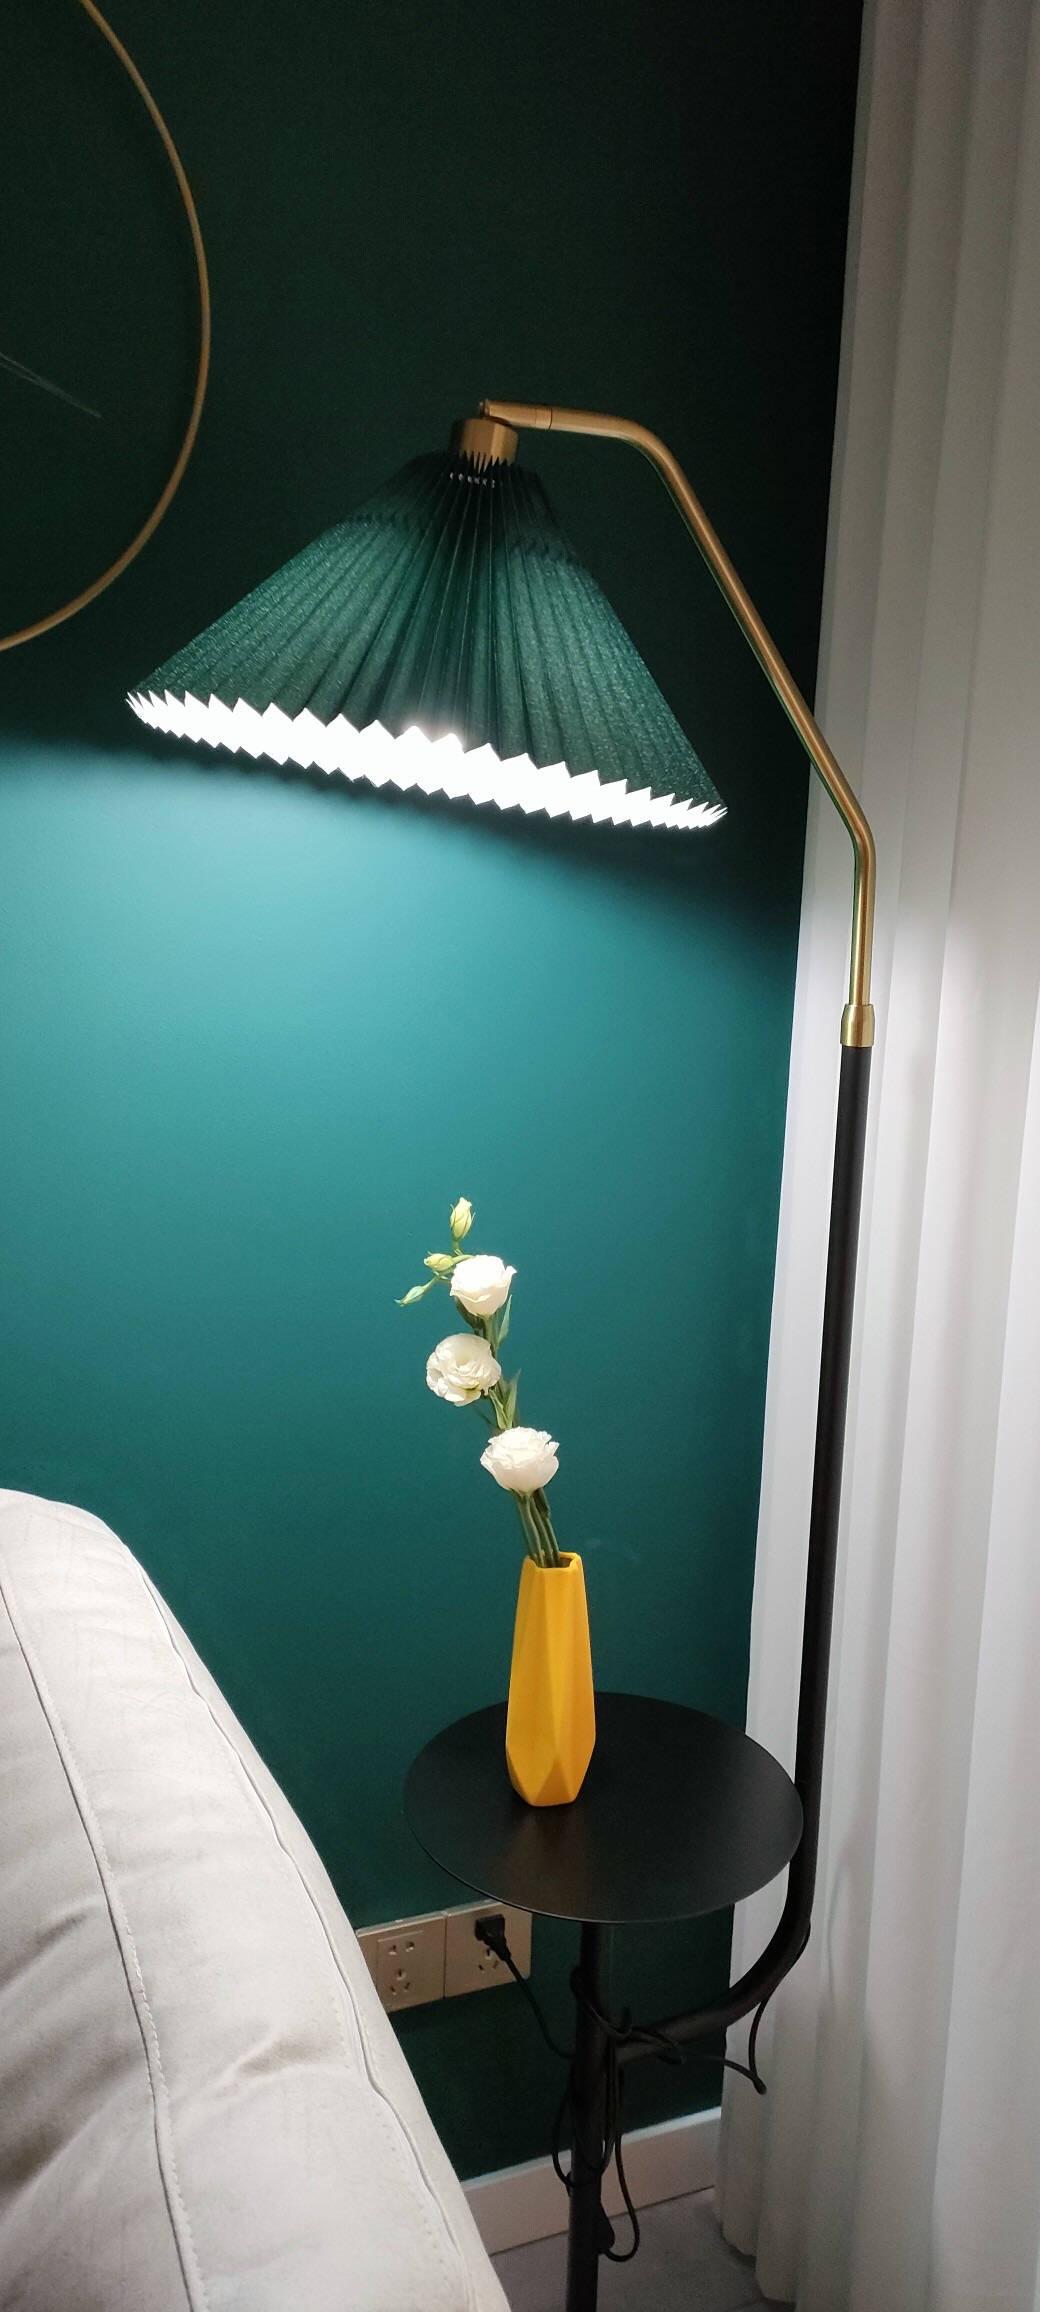 光的客厅落地灯带桌带茶几桌置物架带USB无线充电立式落地灯简约现代北欧卧室床头书房沙发麻将灯蓝+大理石+12W三色